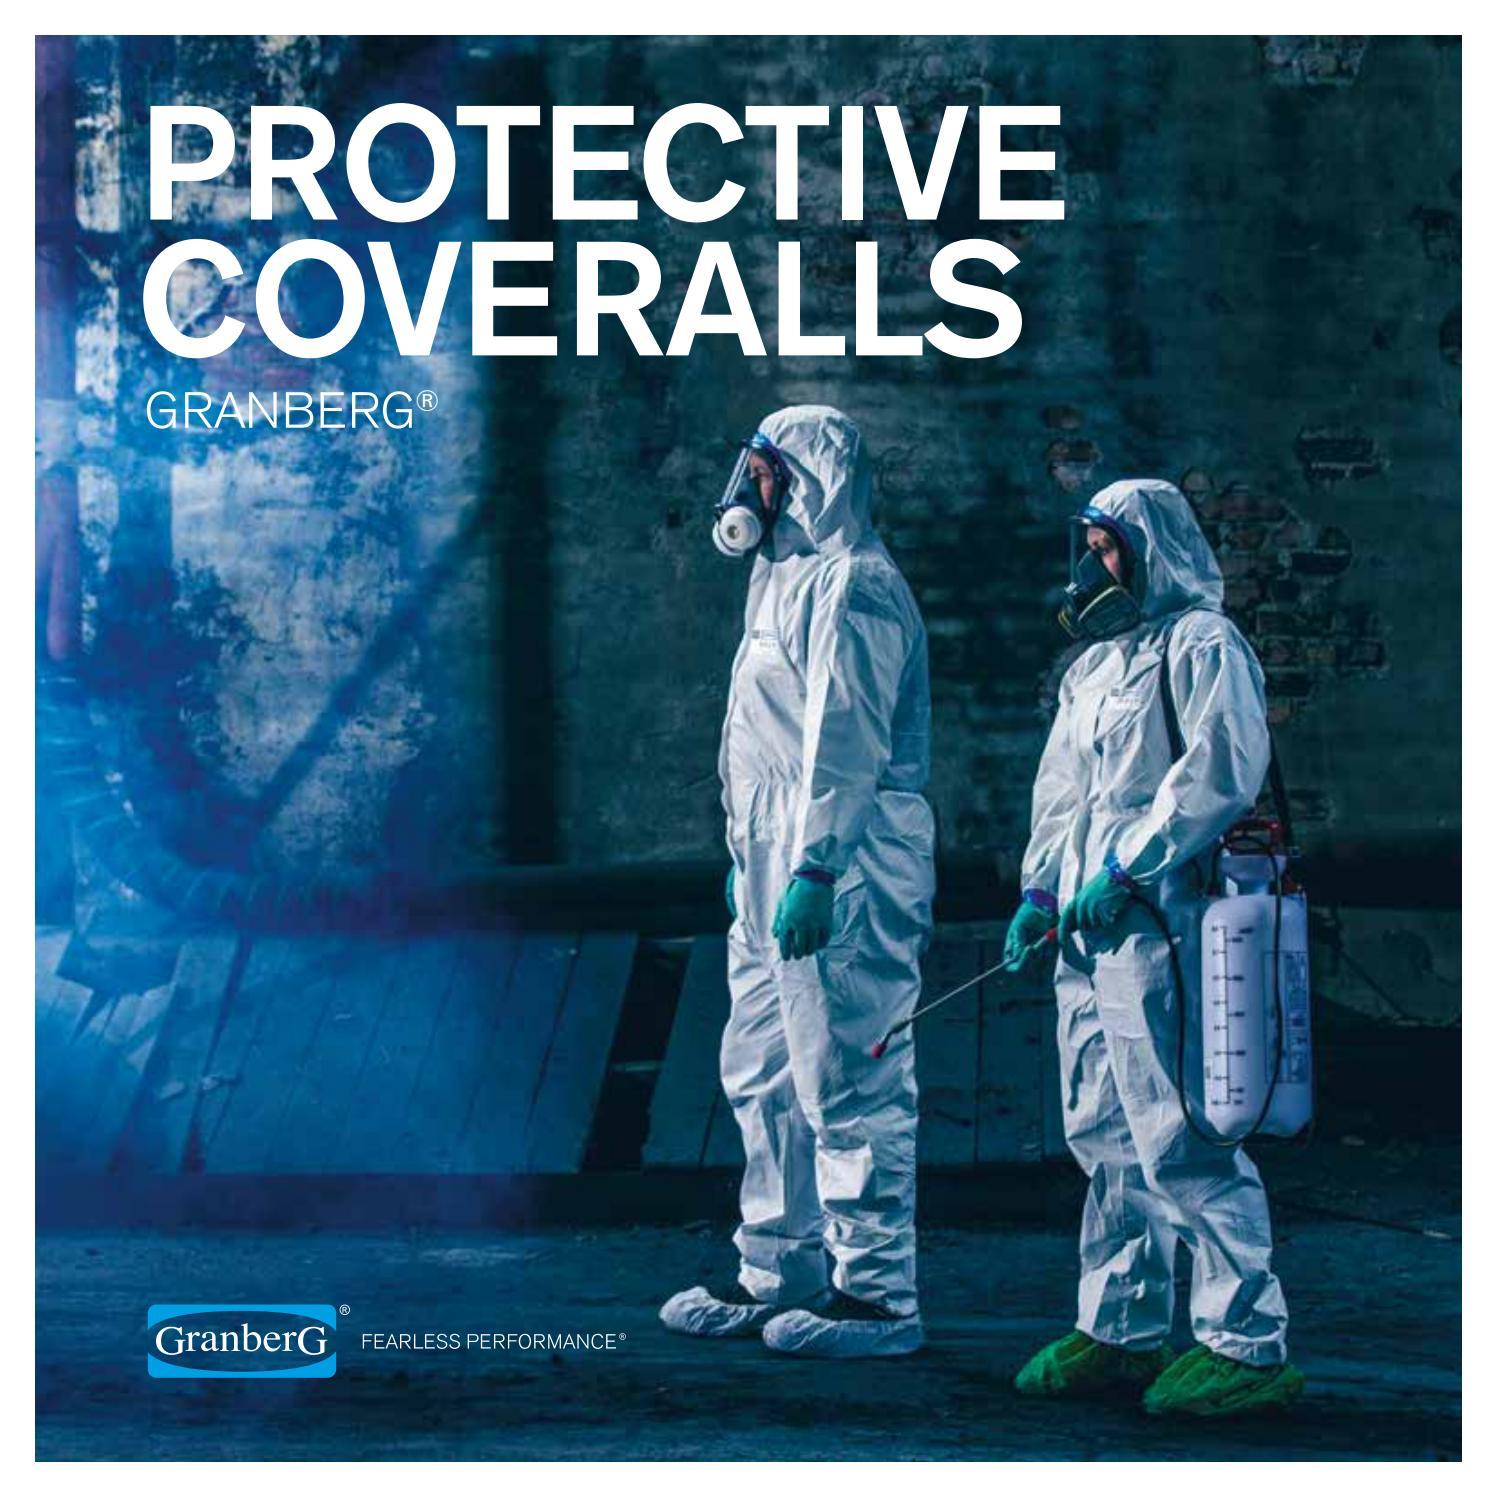 granberg protective coveralls